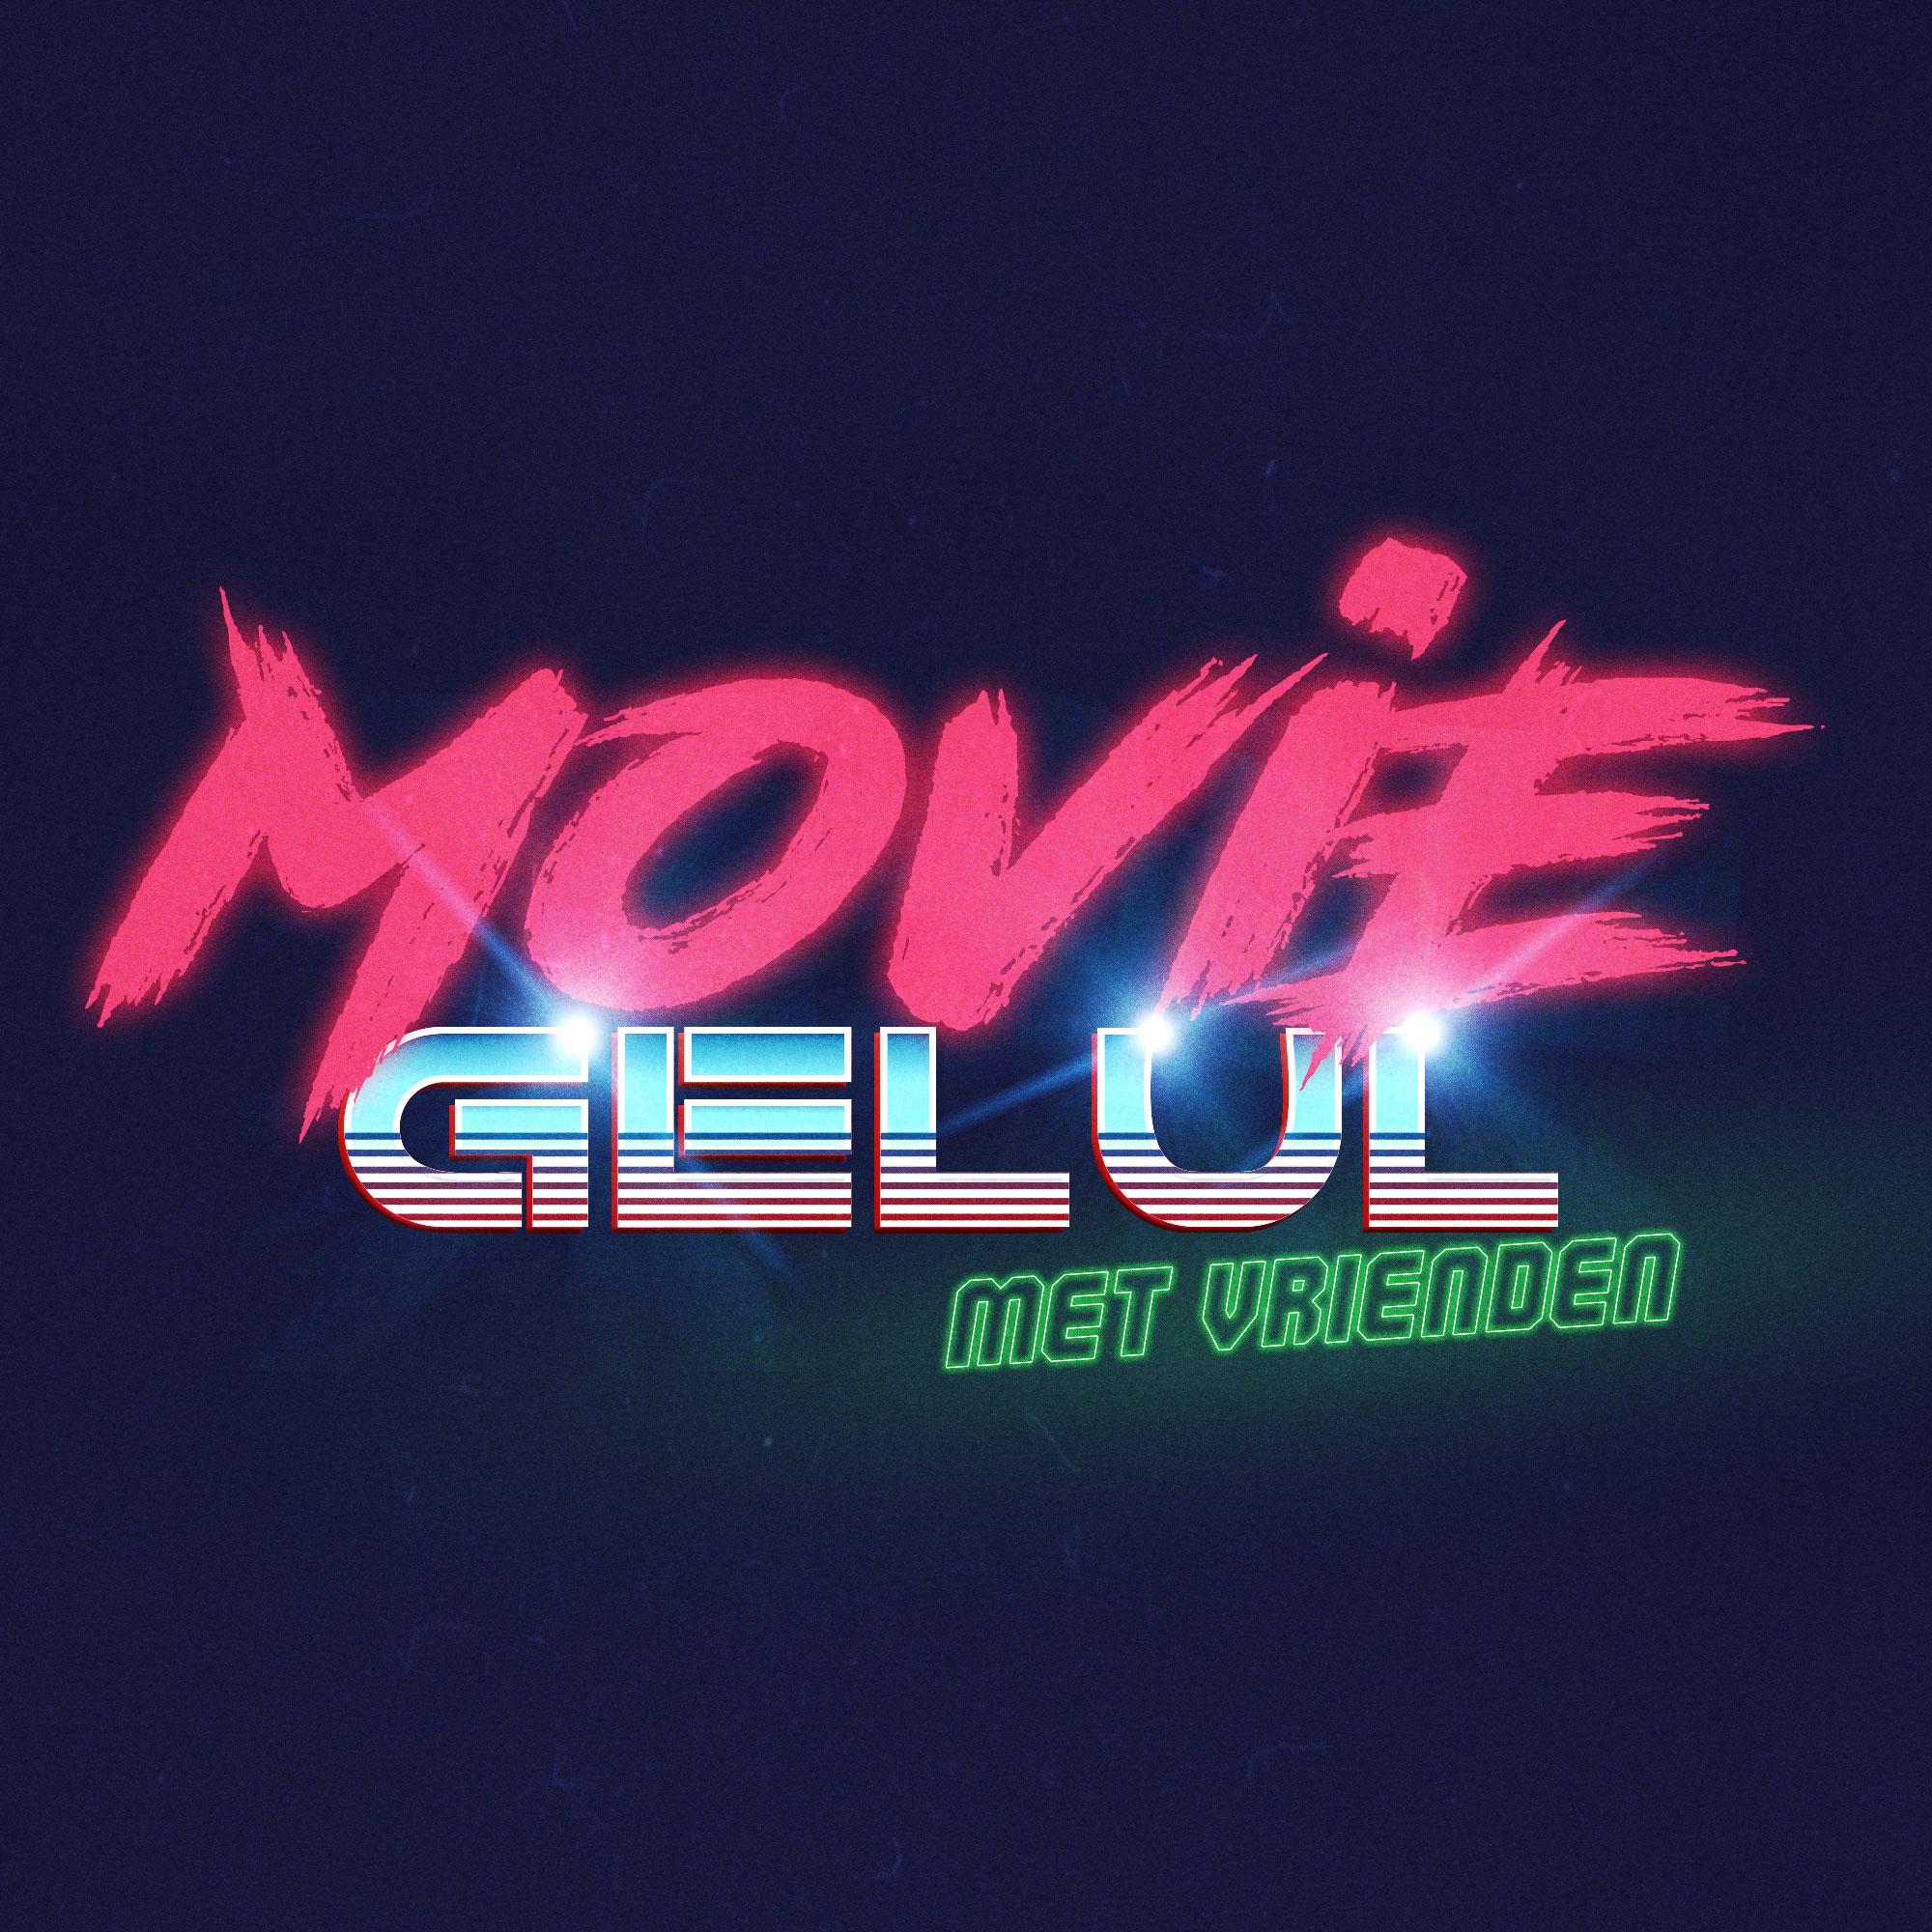 Moviegelul met vrienden logo